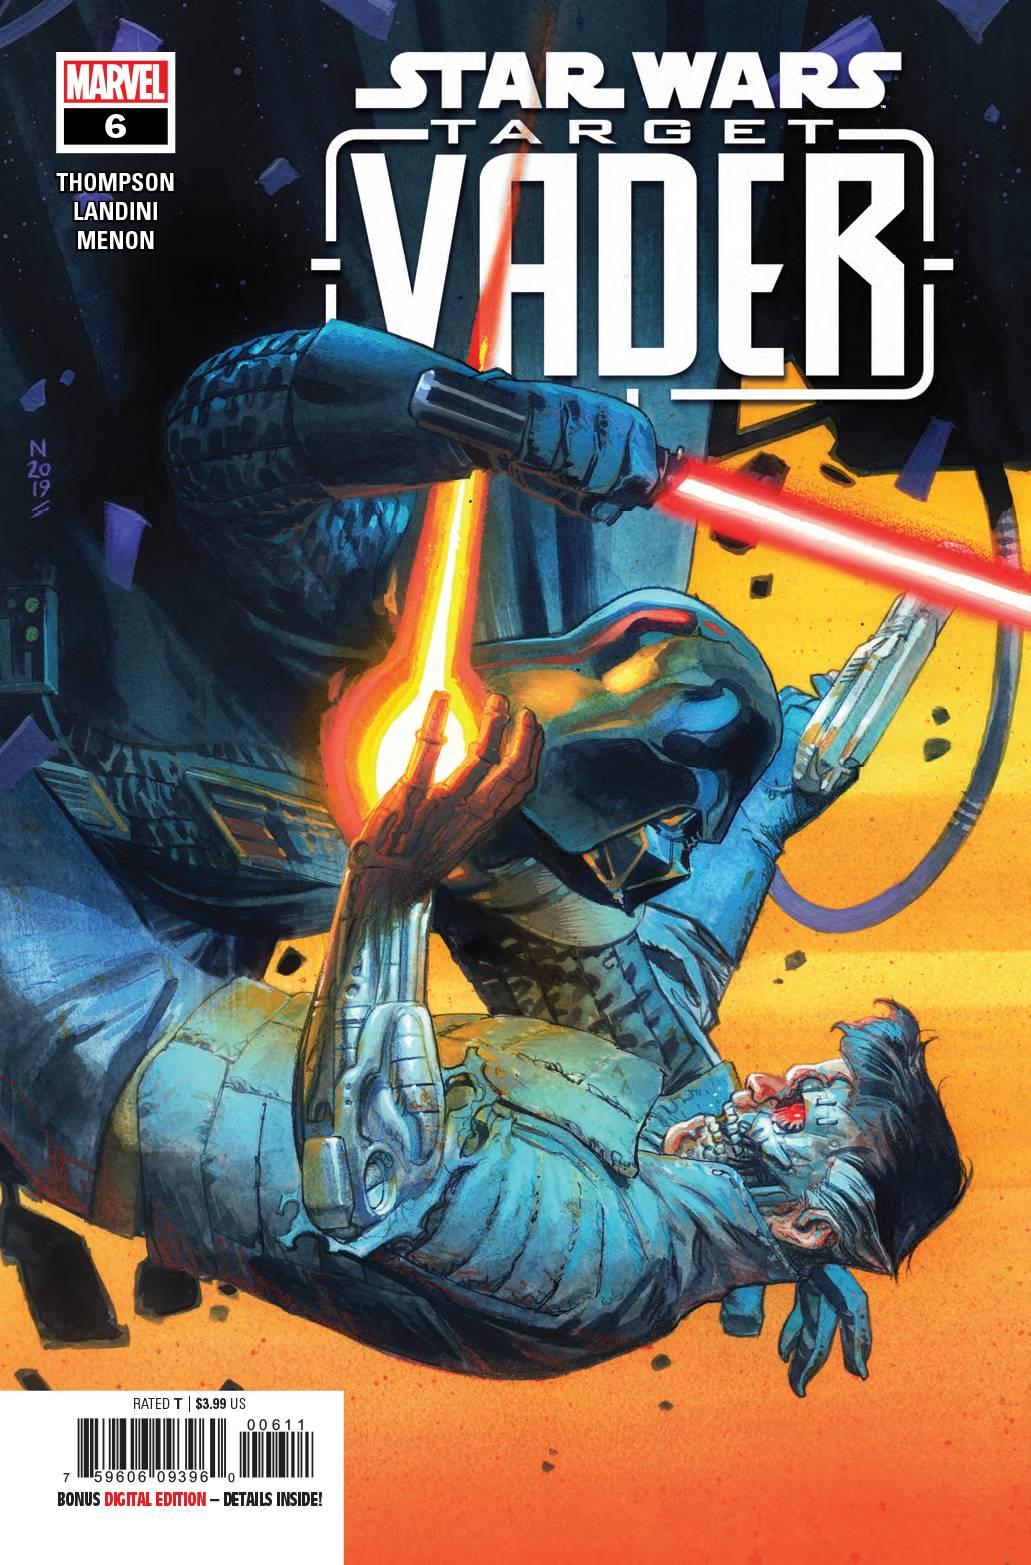 Star Wars: Target Vader #6 (2019)